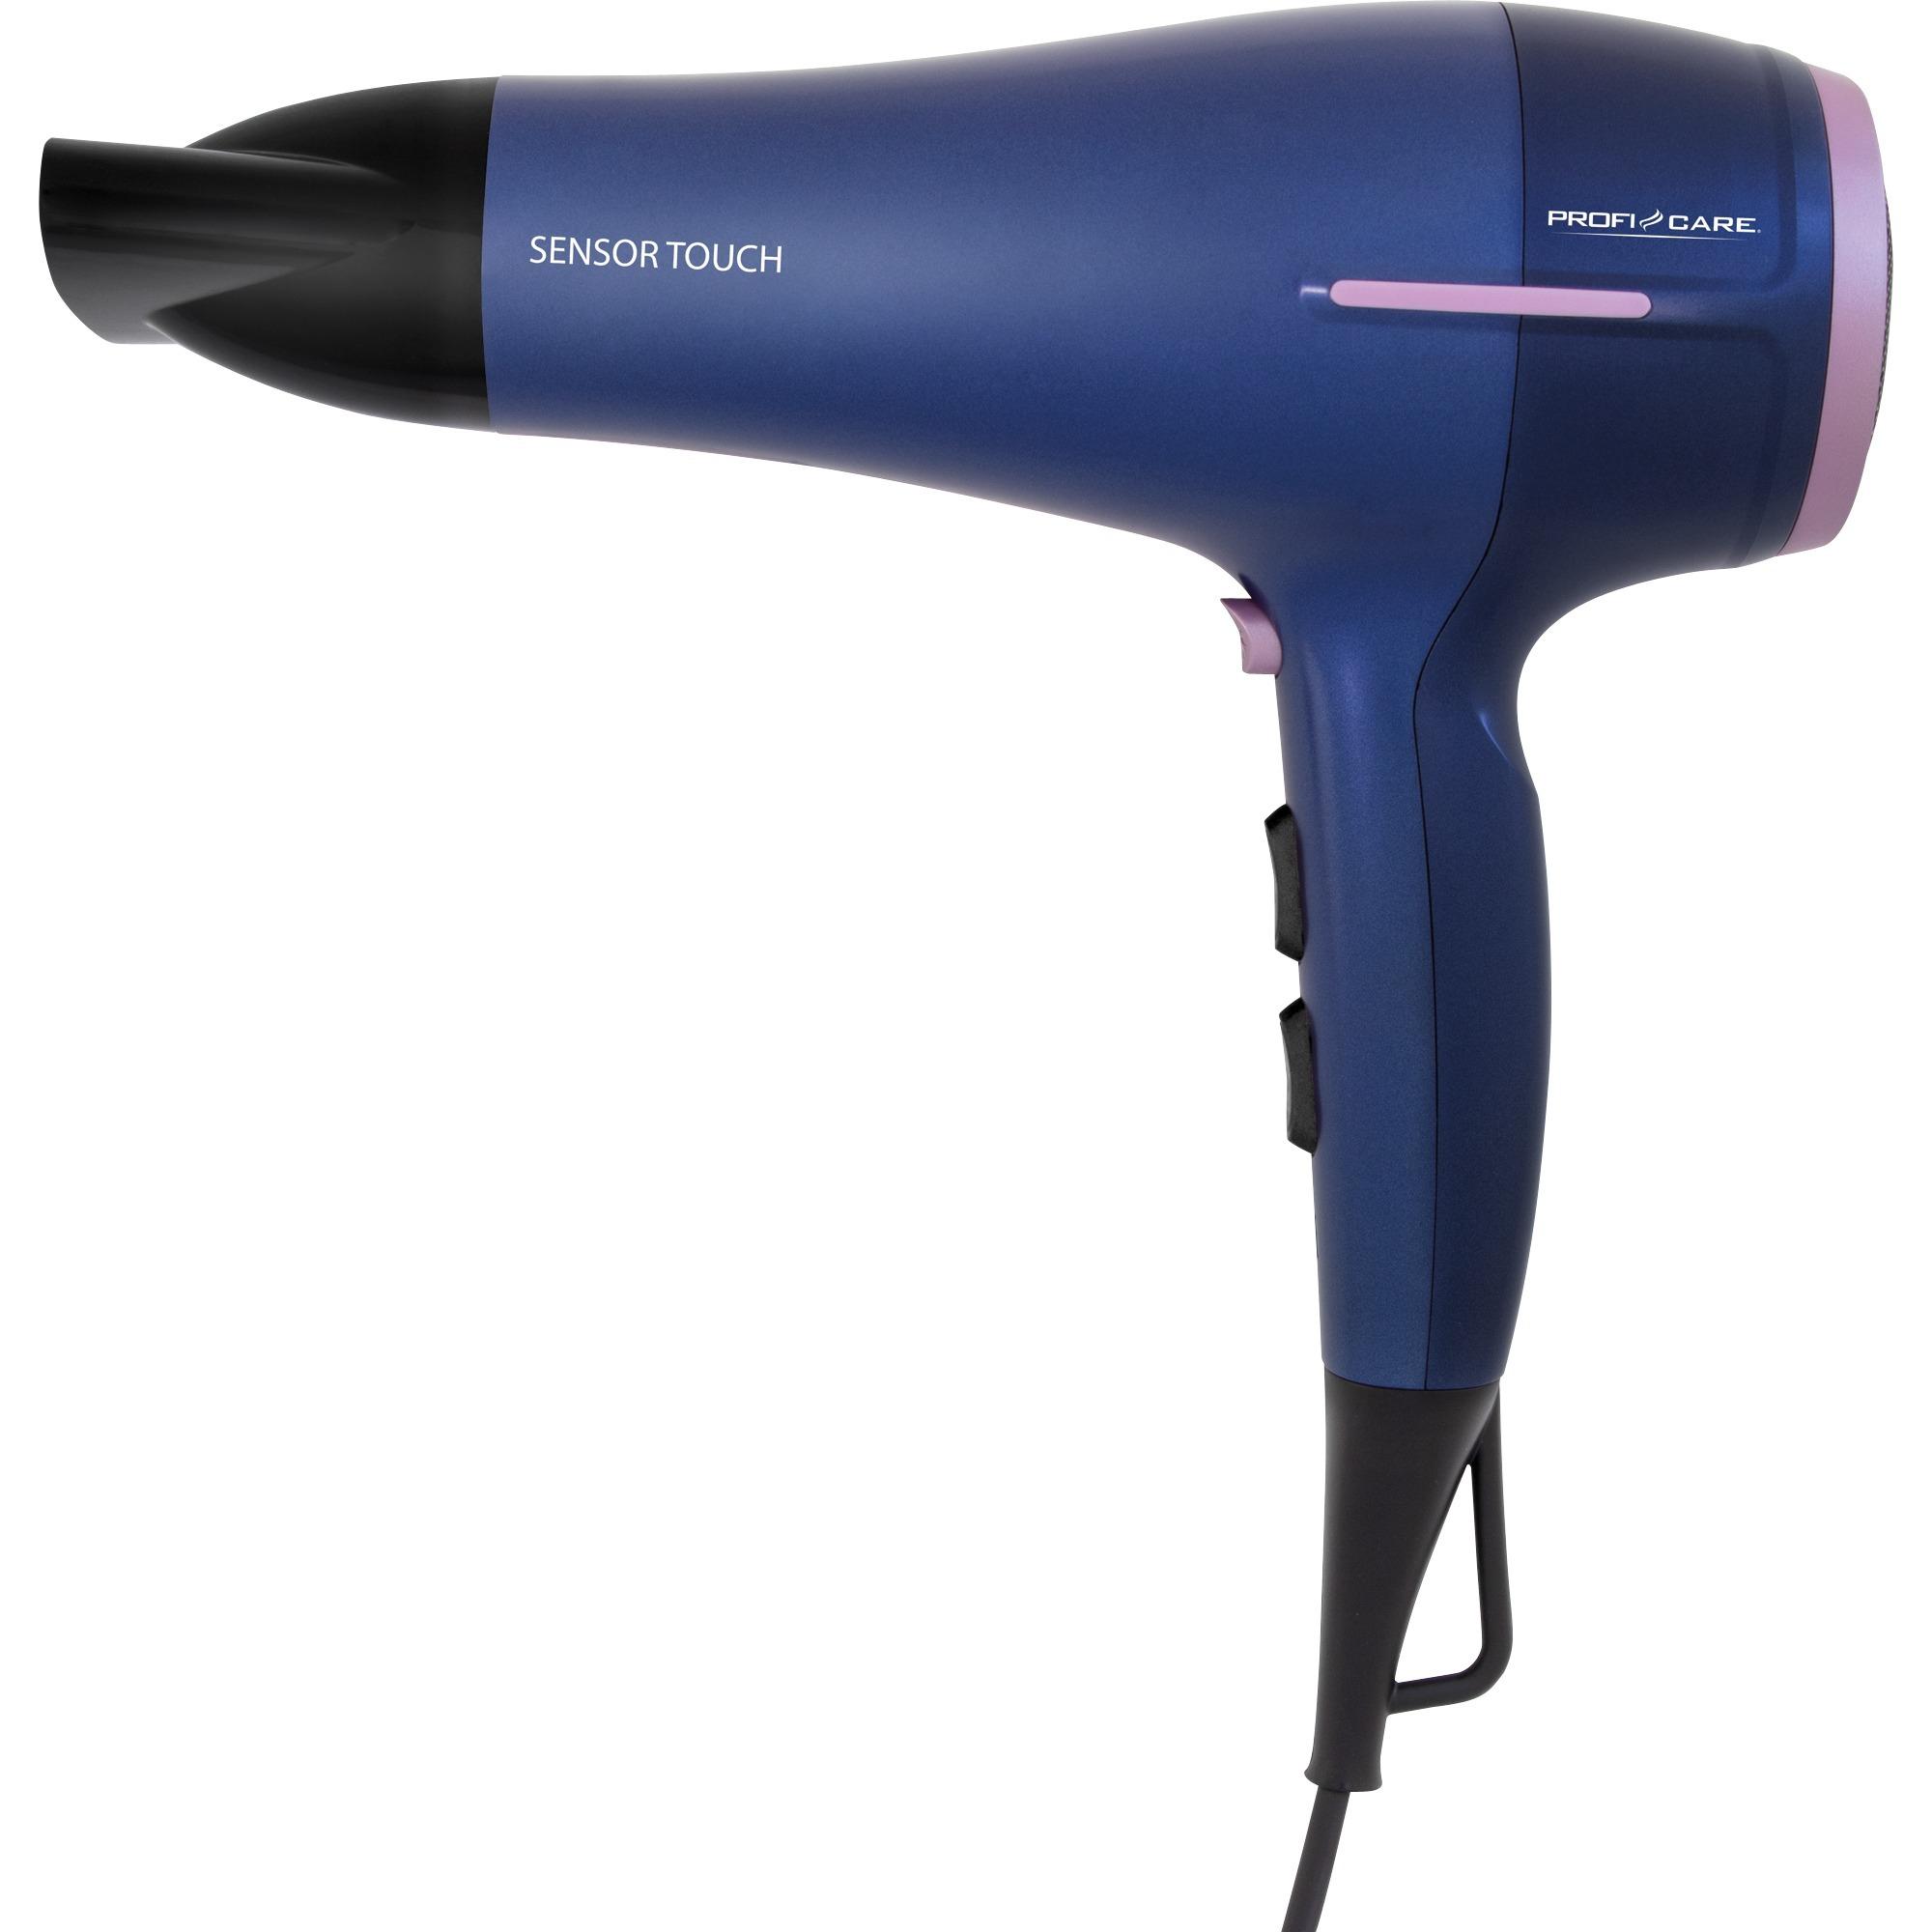 PC-HT 3030 Azul 2200 W, Secador de pelo